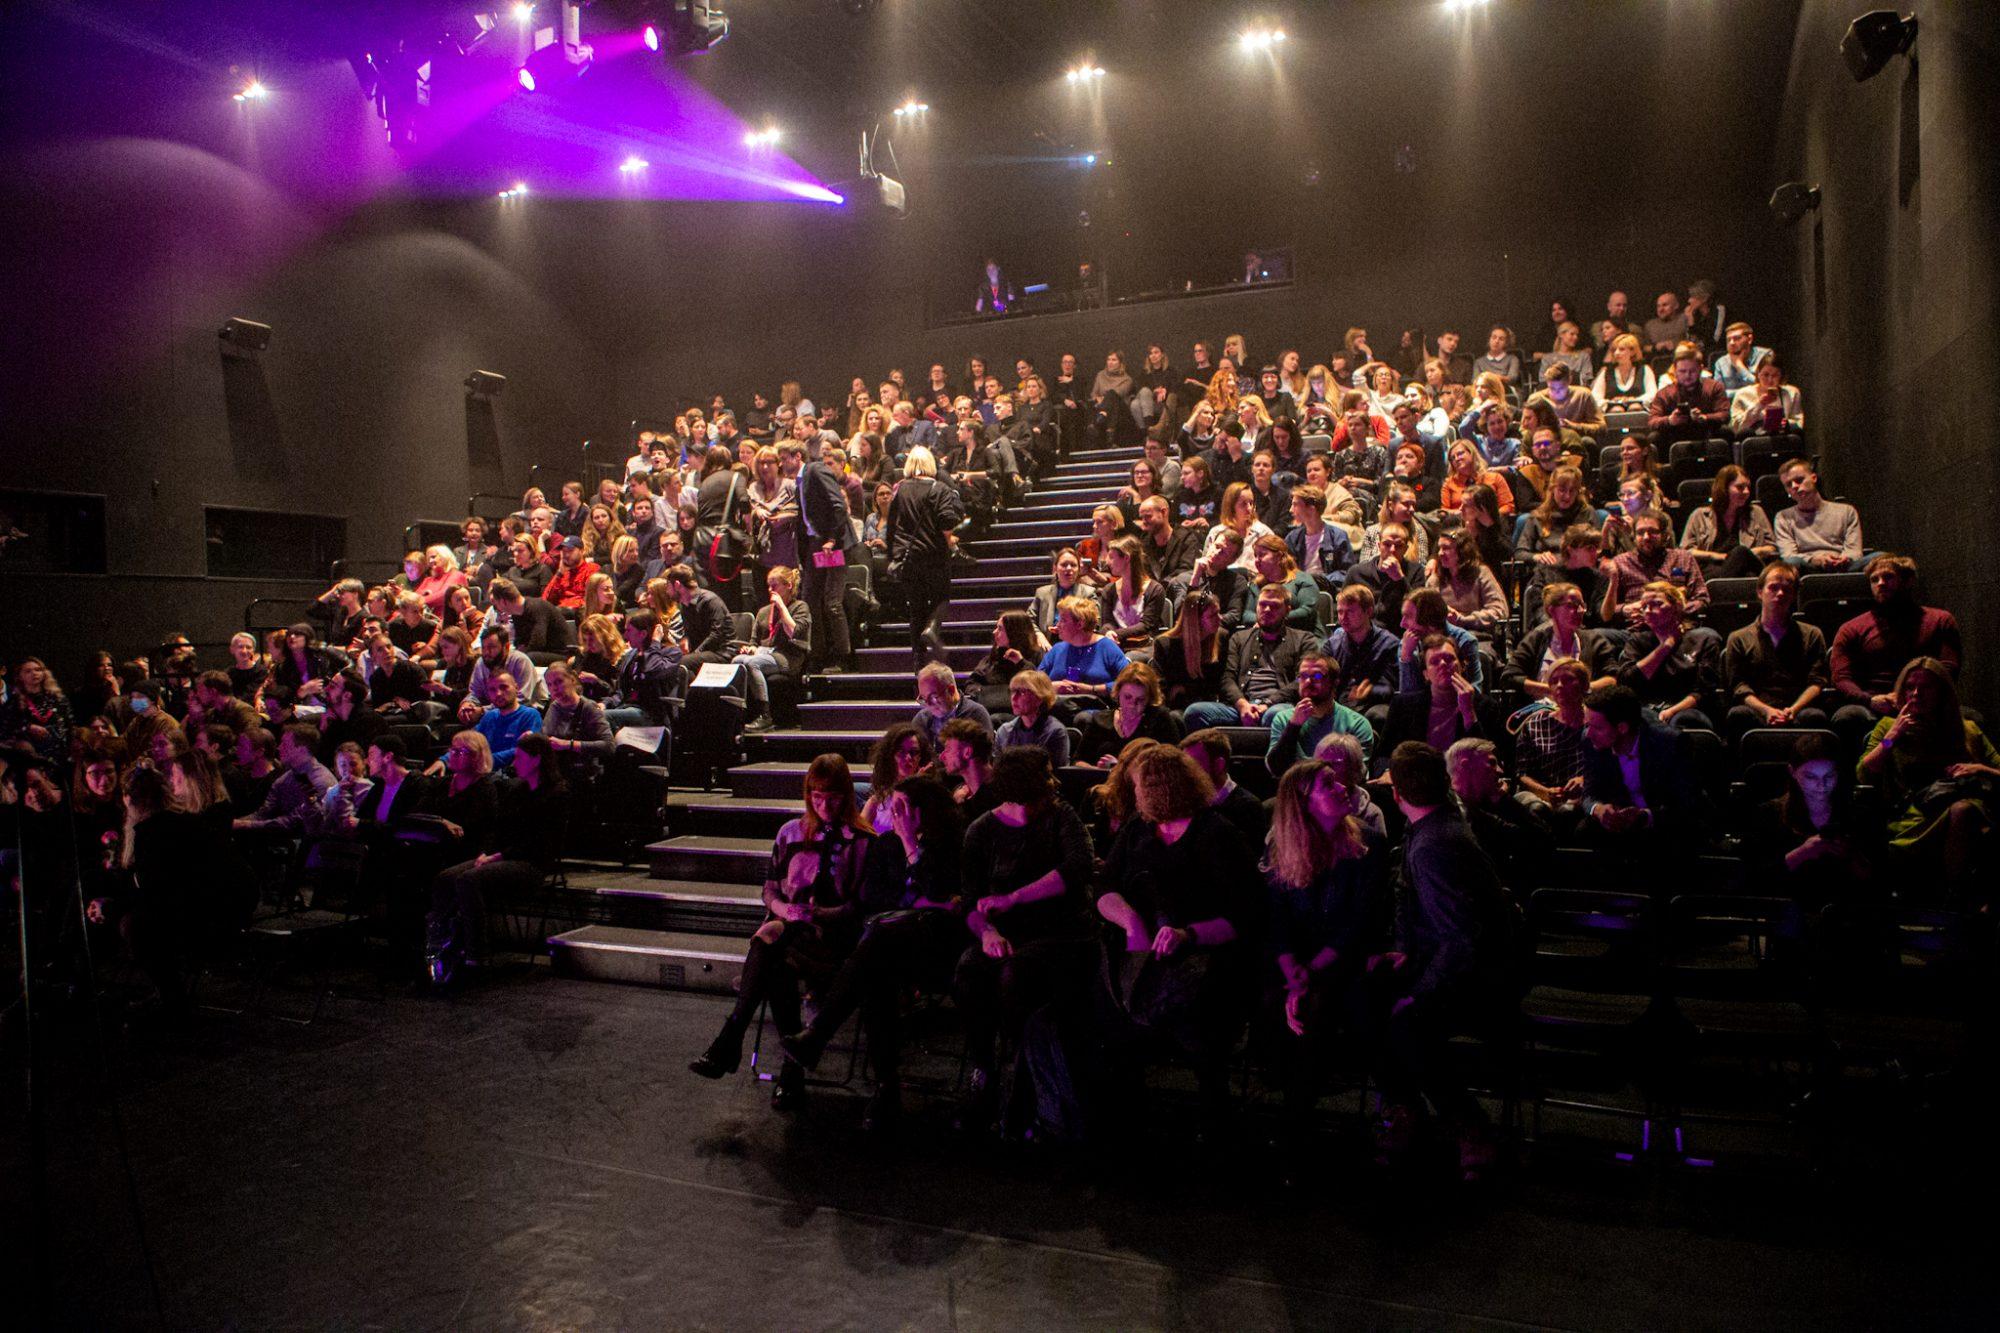 Vilniaus tarptautinis trumpųjų filmų festivalis kviečia teikti filmus konkursinėms programoms